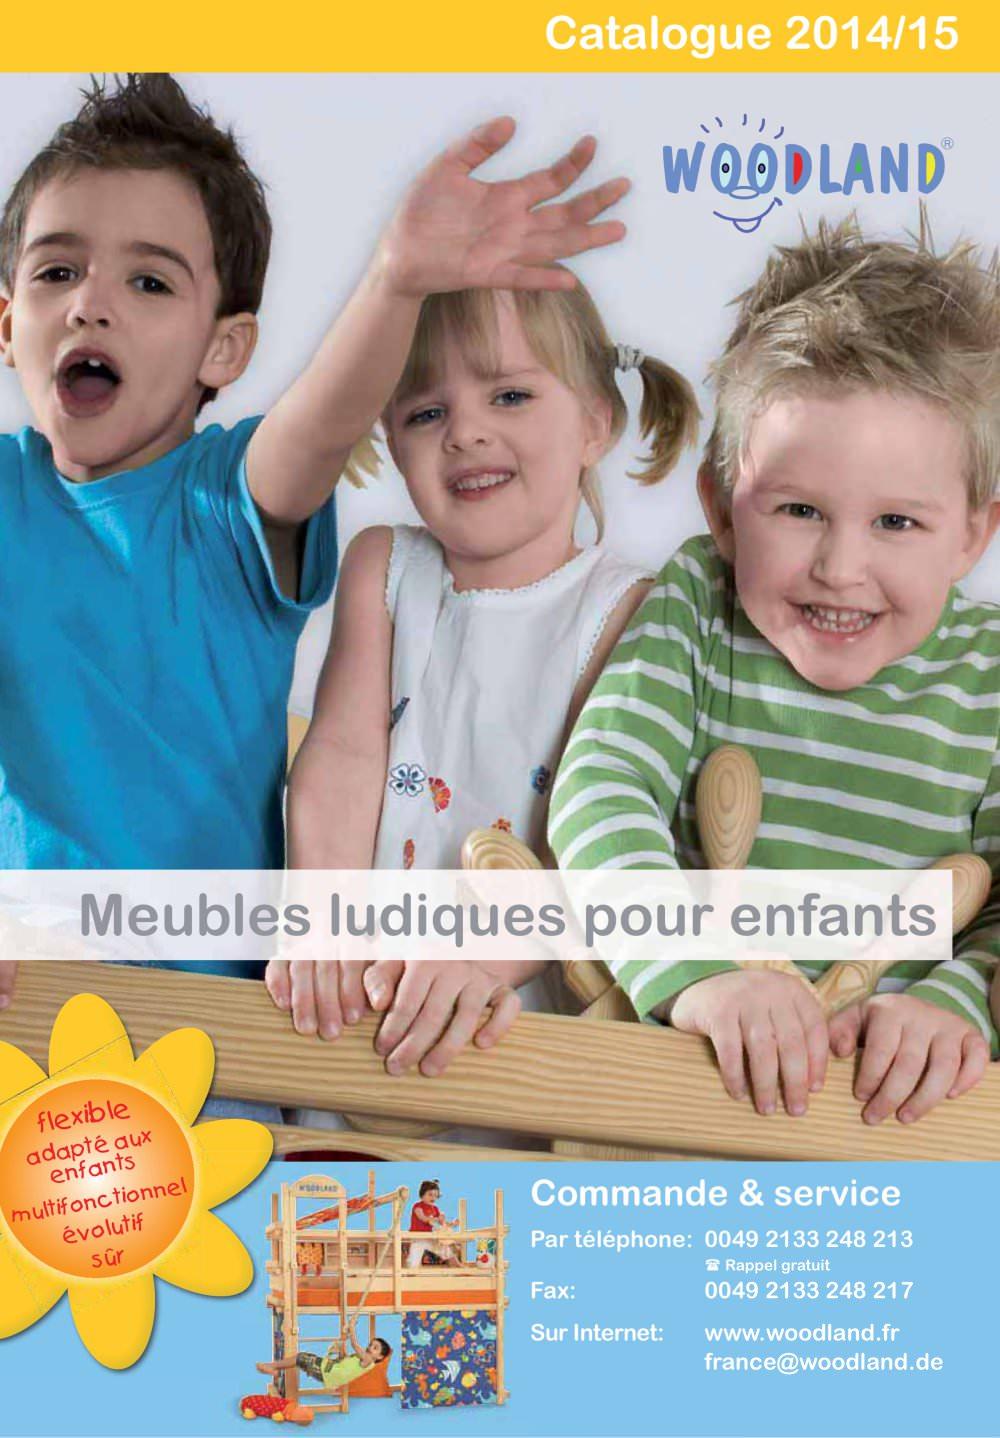 Catalogue meubles enfants 2015 WOODLAND Meubles pour pour pour enfants 232e00